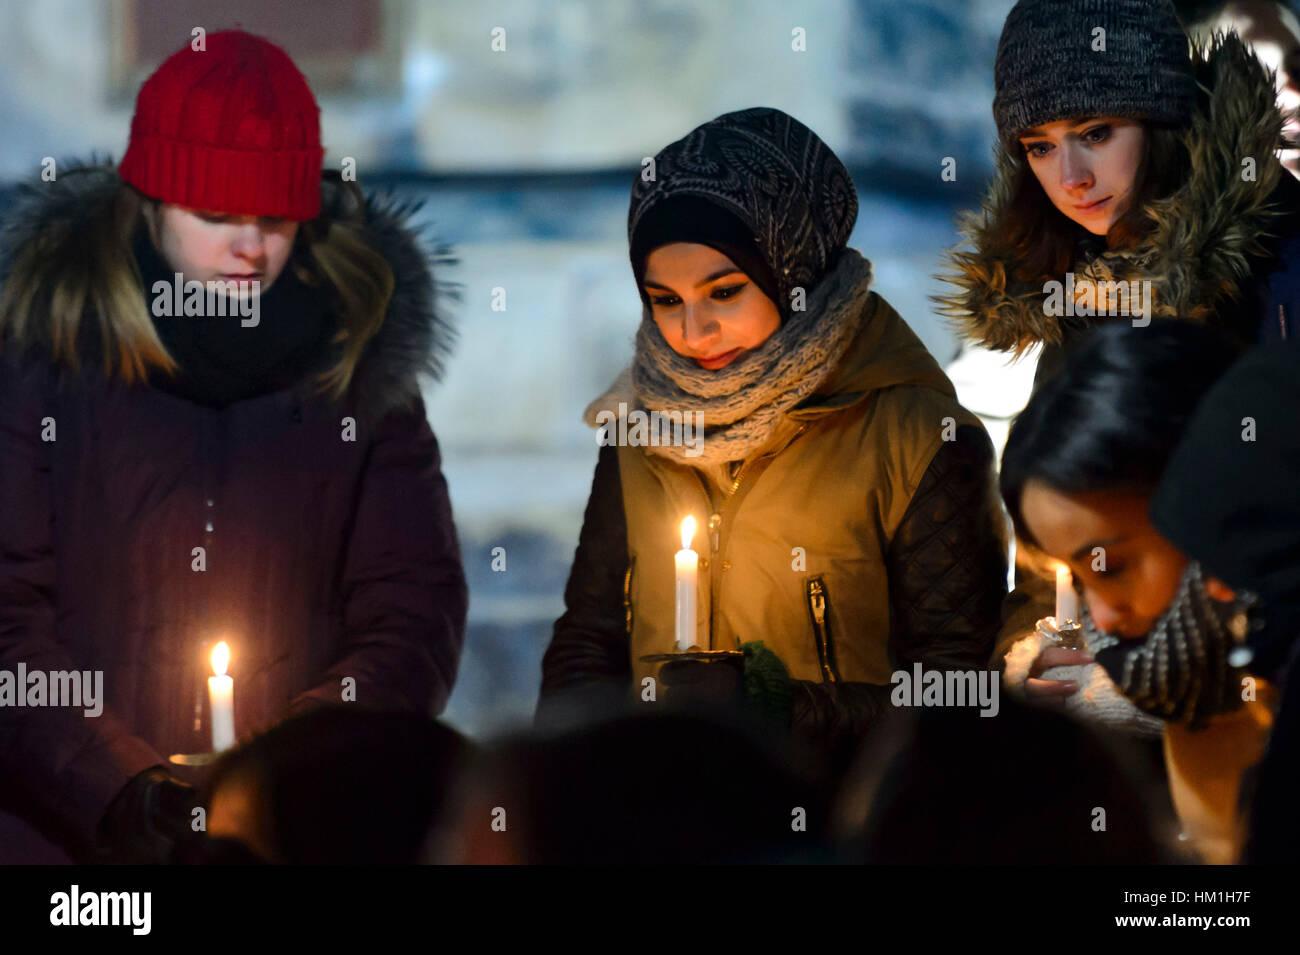 Mahnwache zur Unterstützung von Montreal Moschee der Opfer wurde an der Universität von Toronto University Stockbild